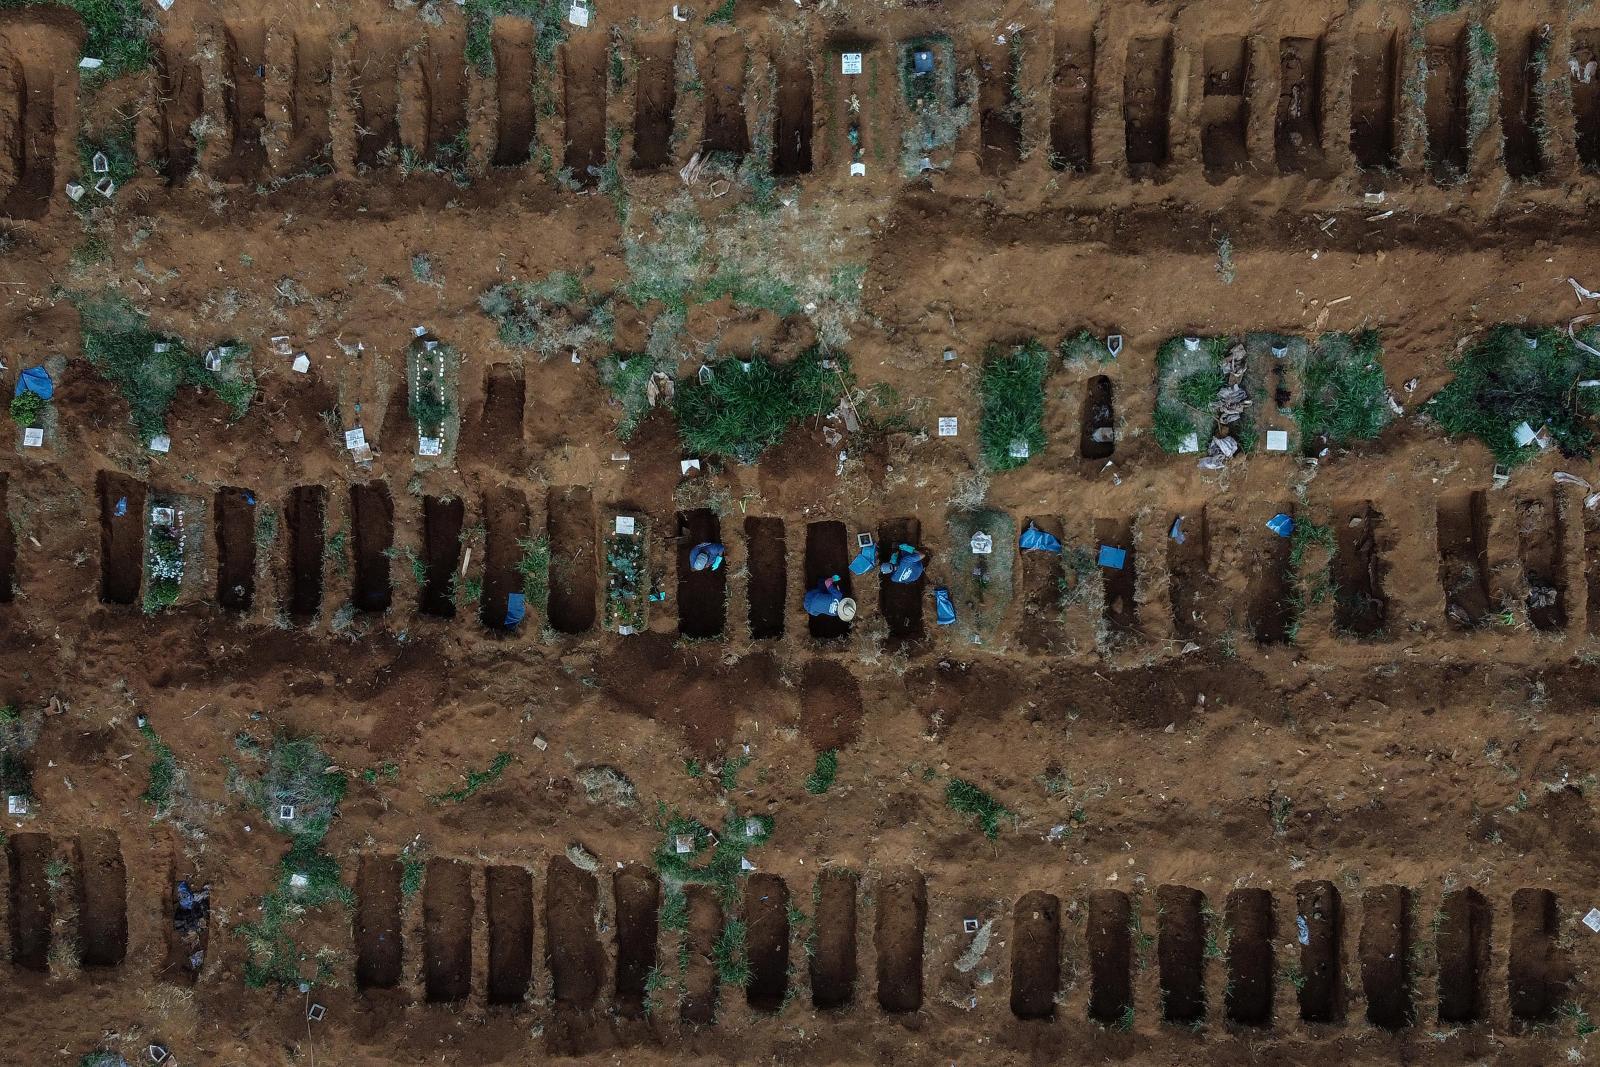 บราซิล ขึ้นอันดับ 2 โลก ติดเชื้อโควิด-19 รองสหรัฐฯ